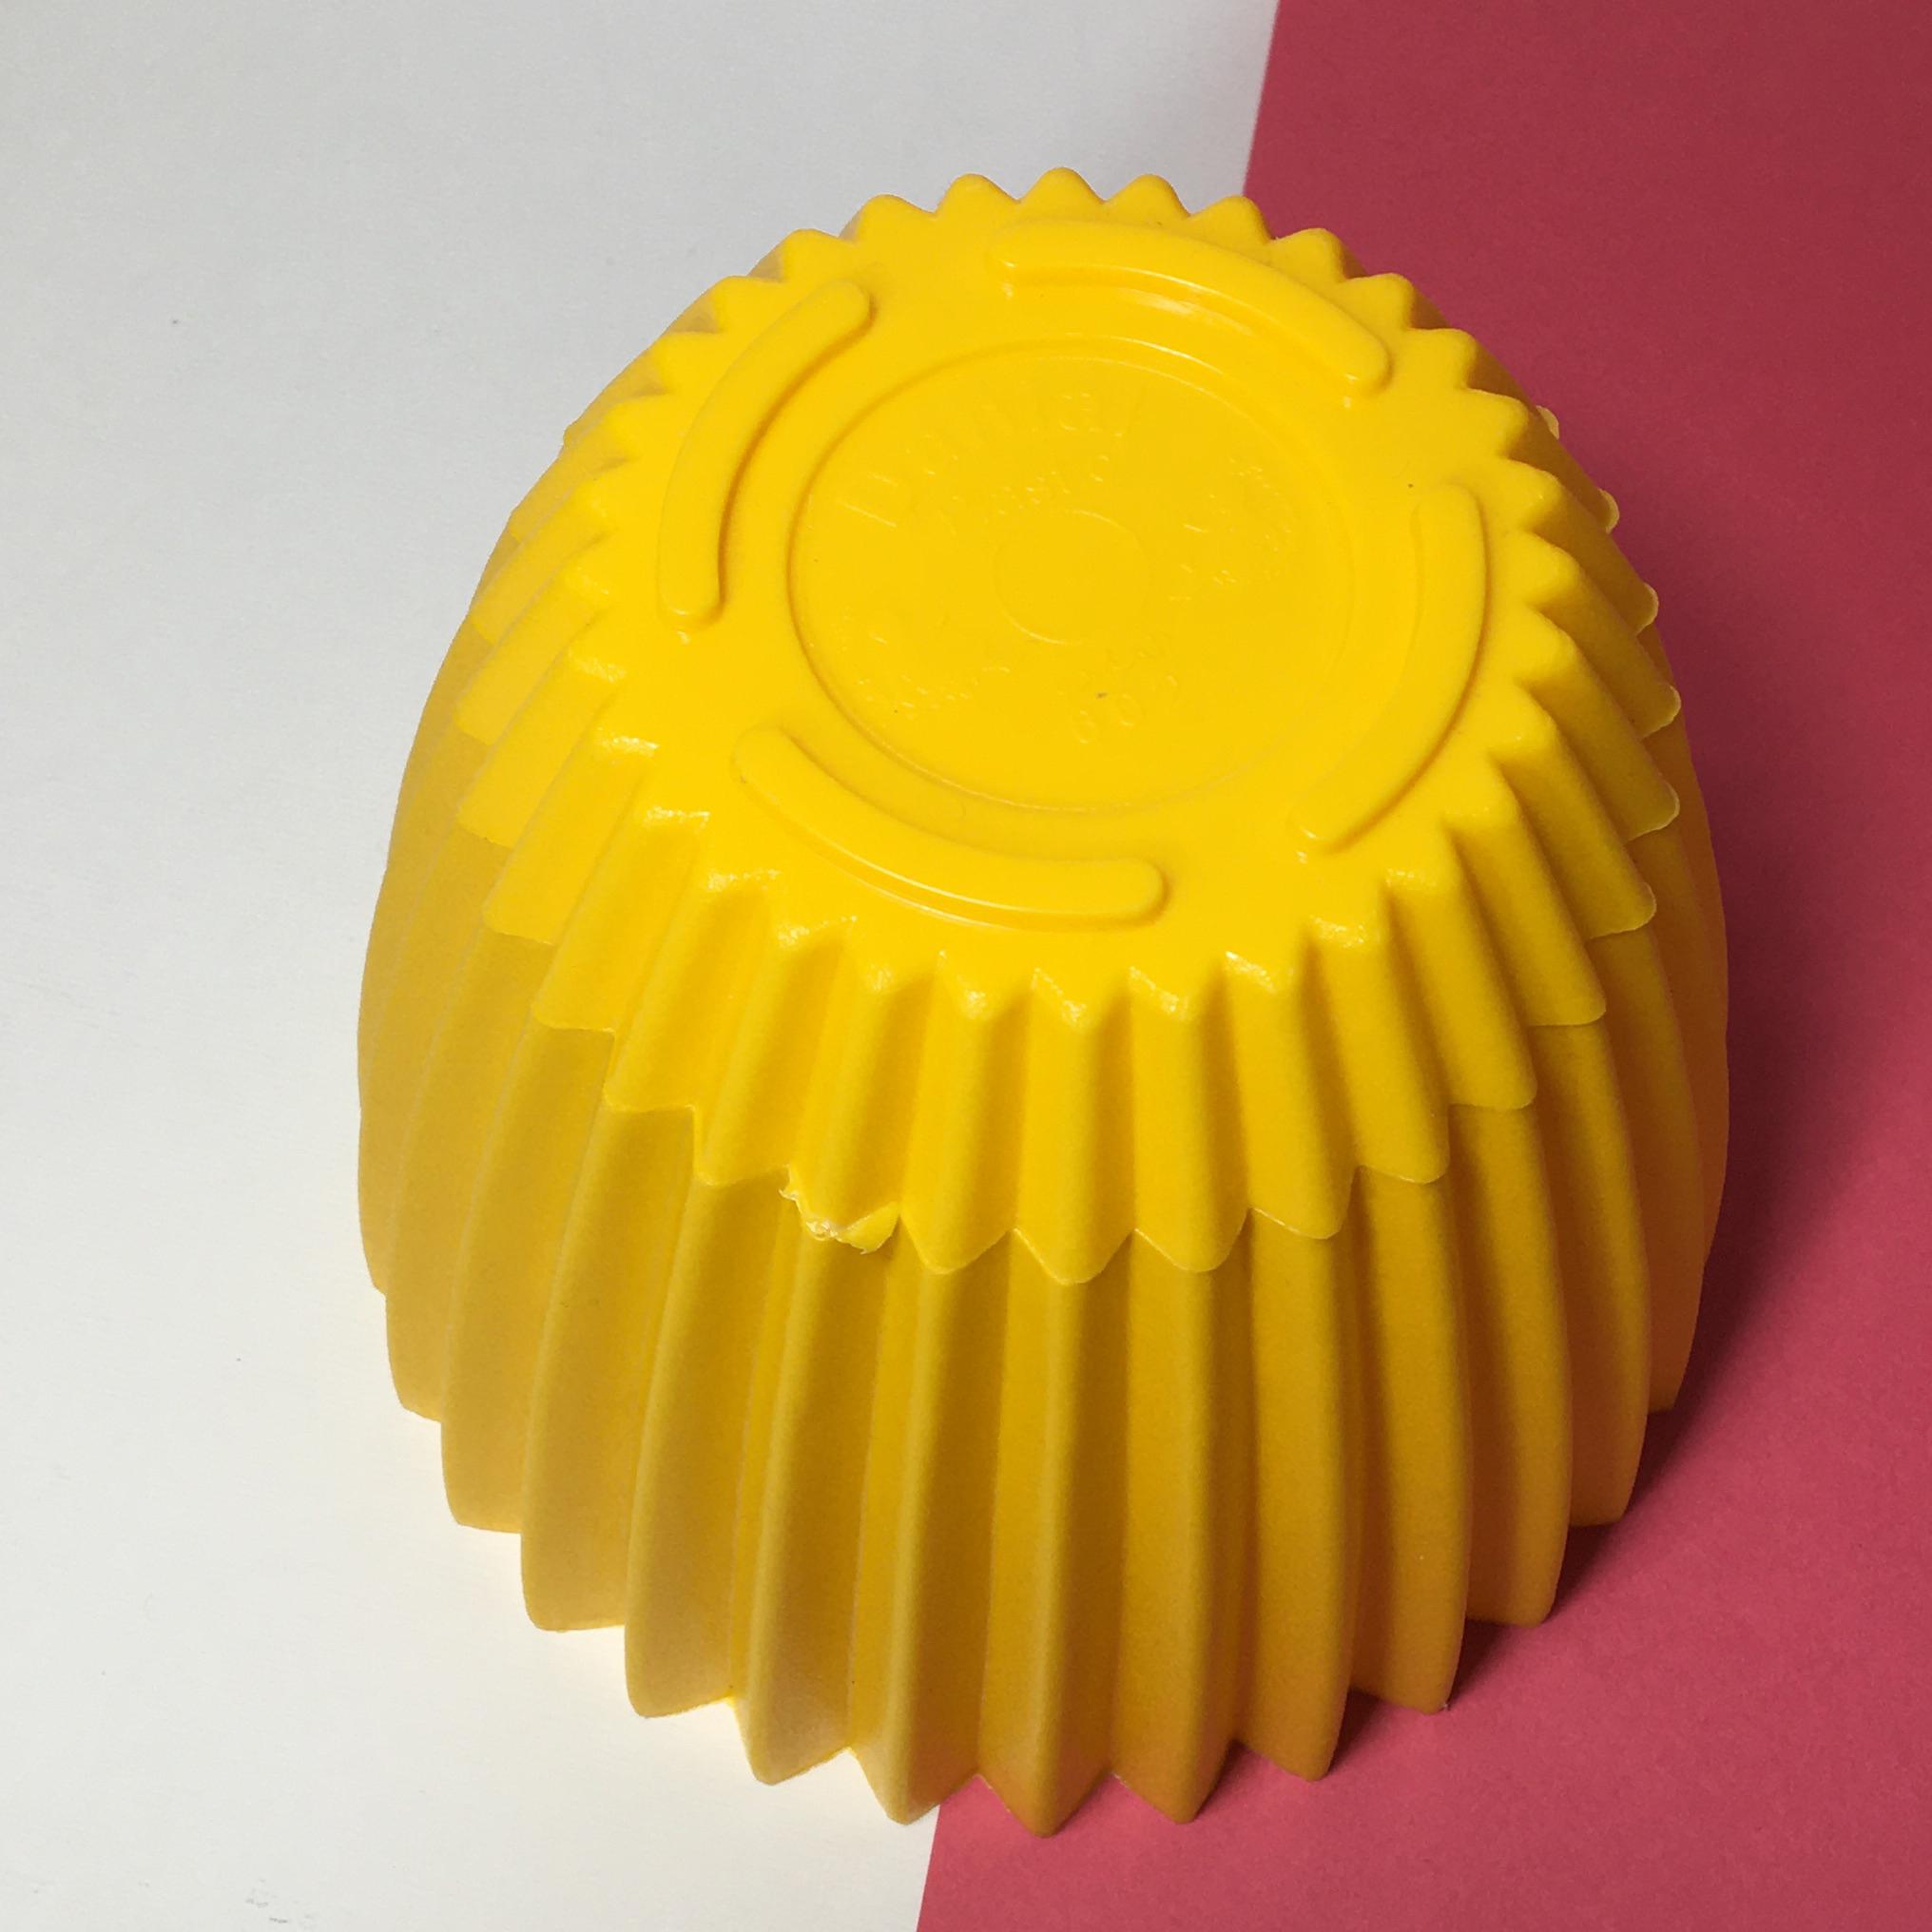 گلدان دانیال پلاستیک کد 1012 مجموعه 8 عددی main 1 10